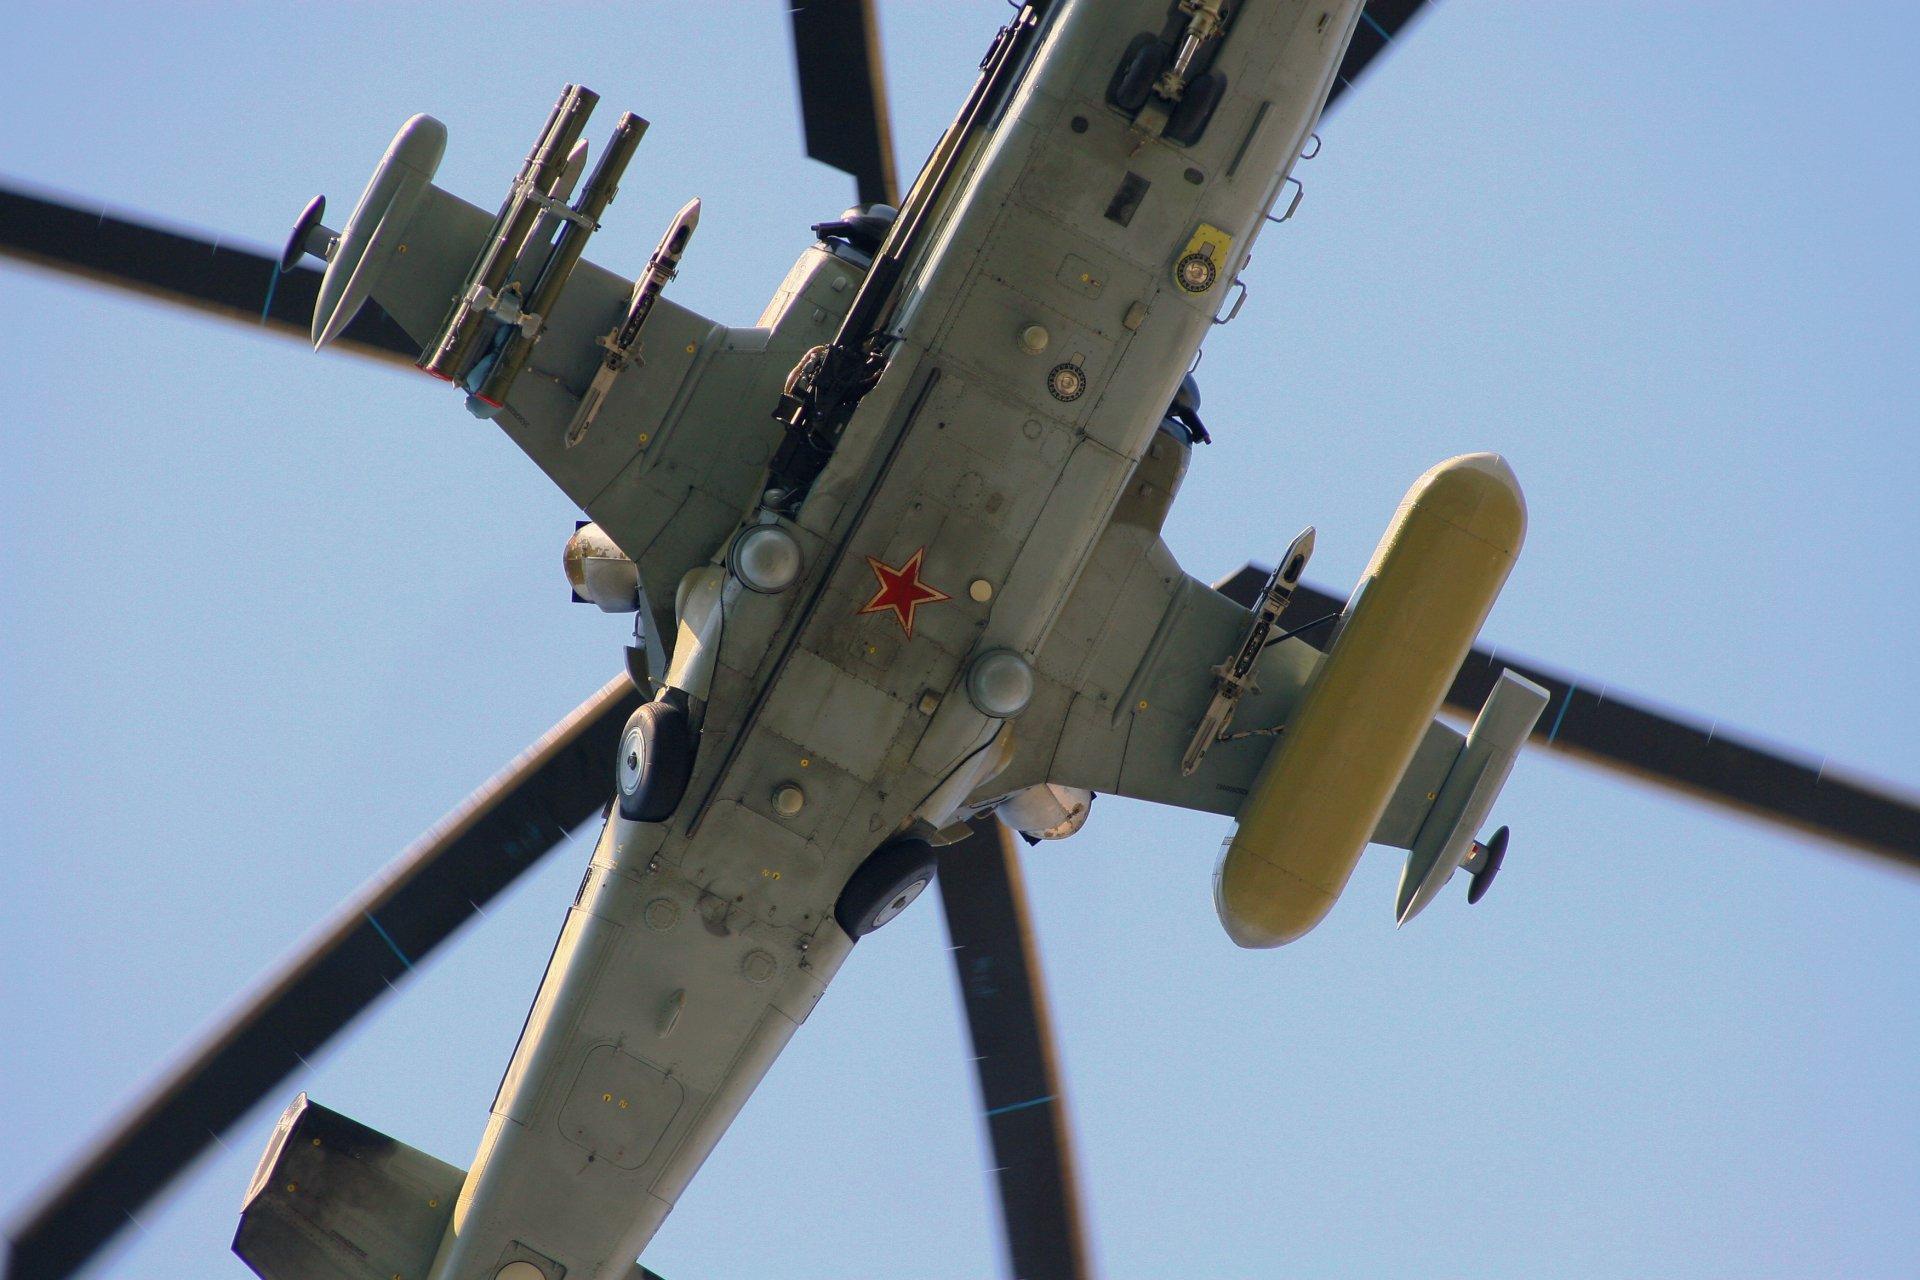 Helicoptero Hd Fondos De Escritorio: Kamov Ka-52 Alligator Full HD Fondo De Pantalla And Fondo